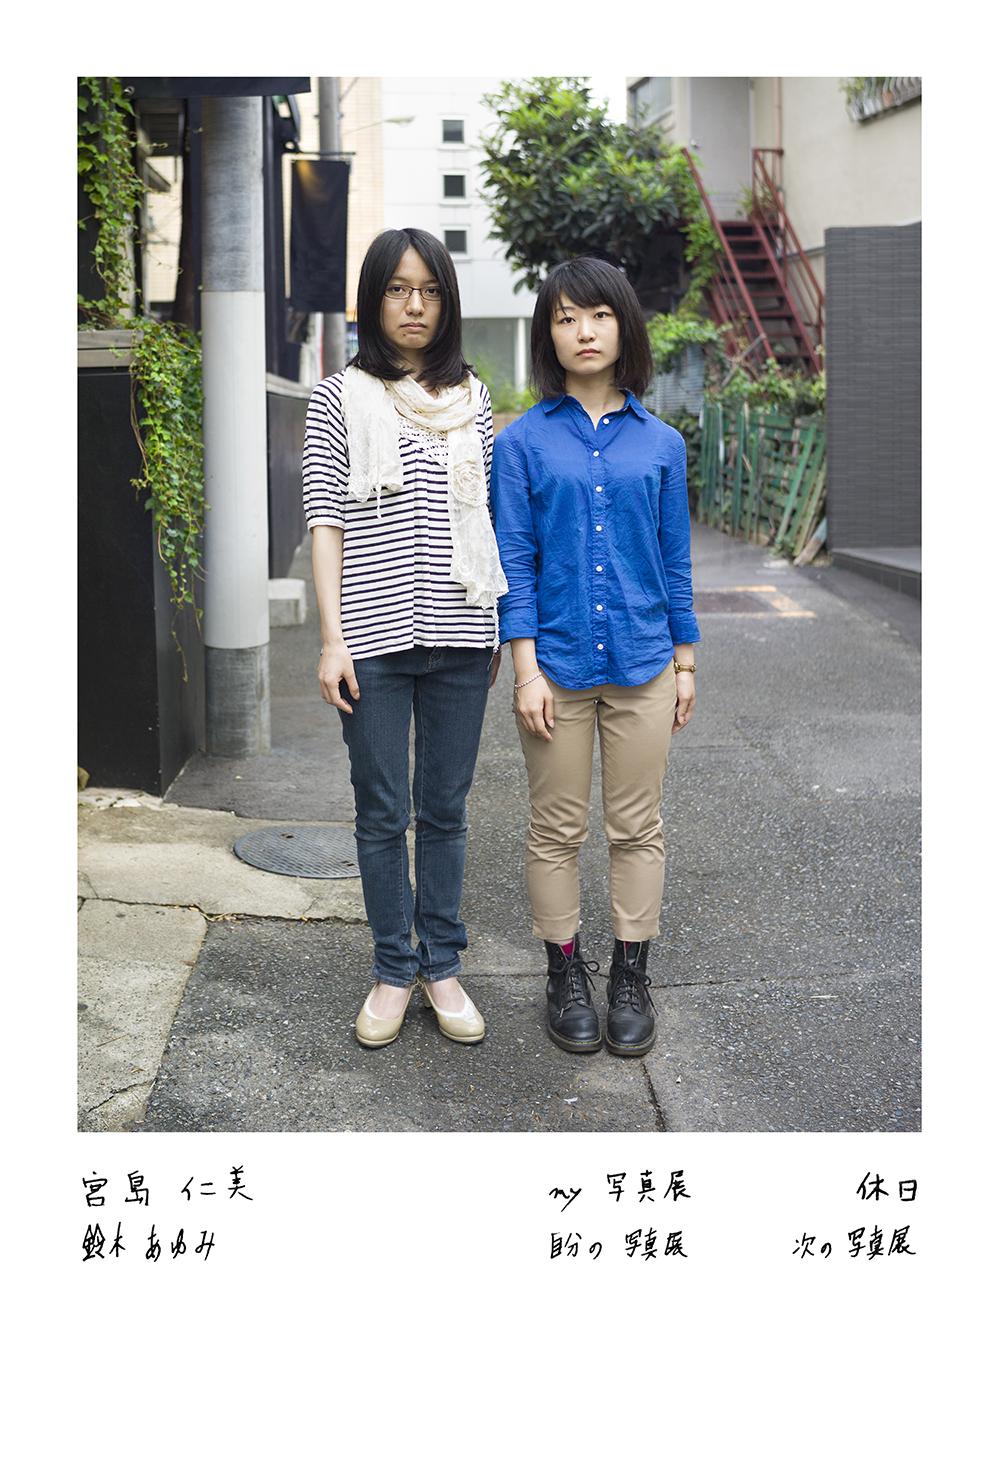 Image 4 / 10